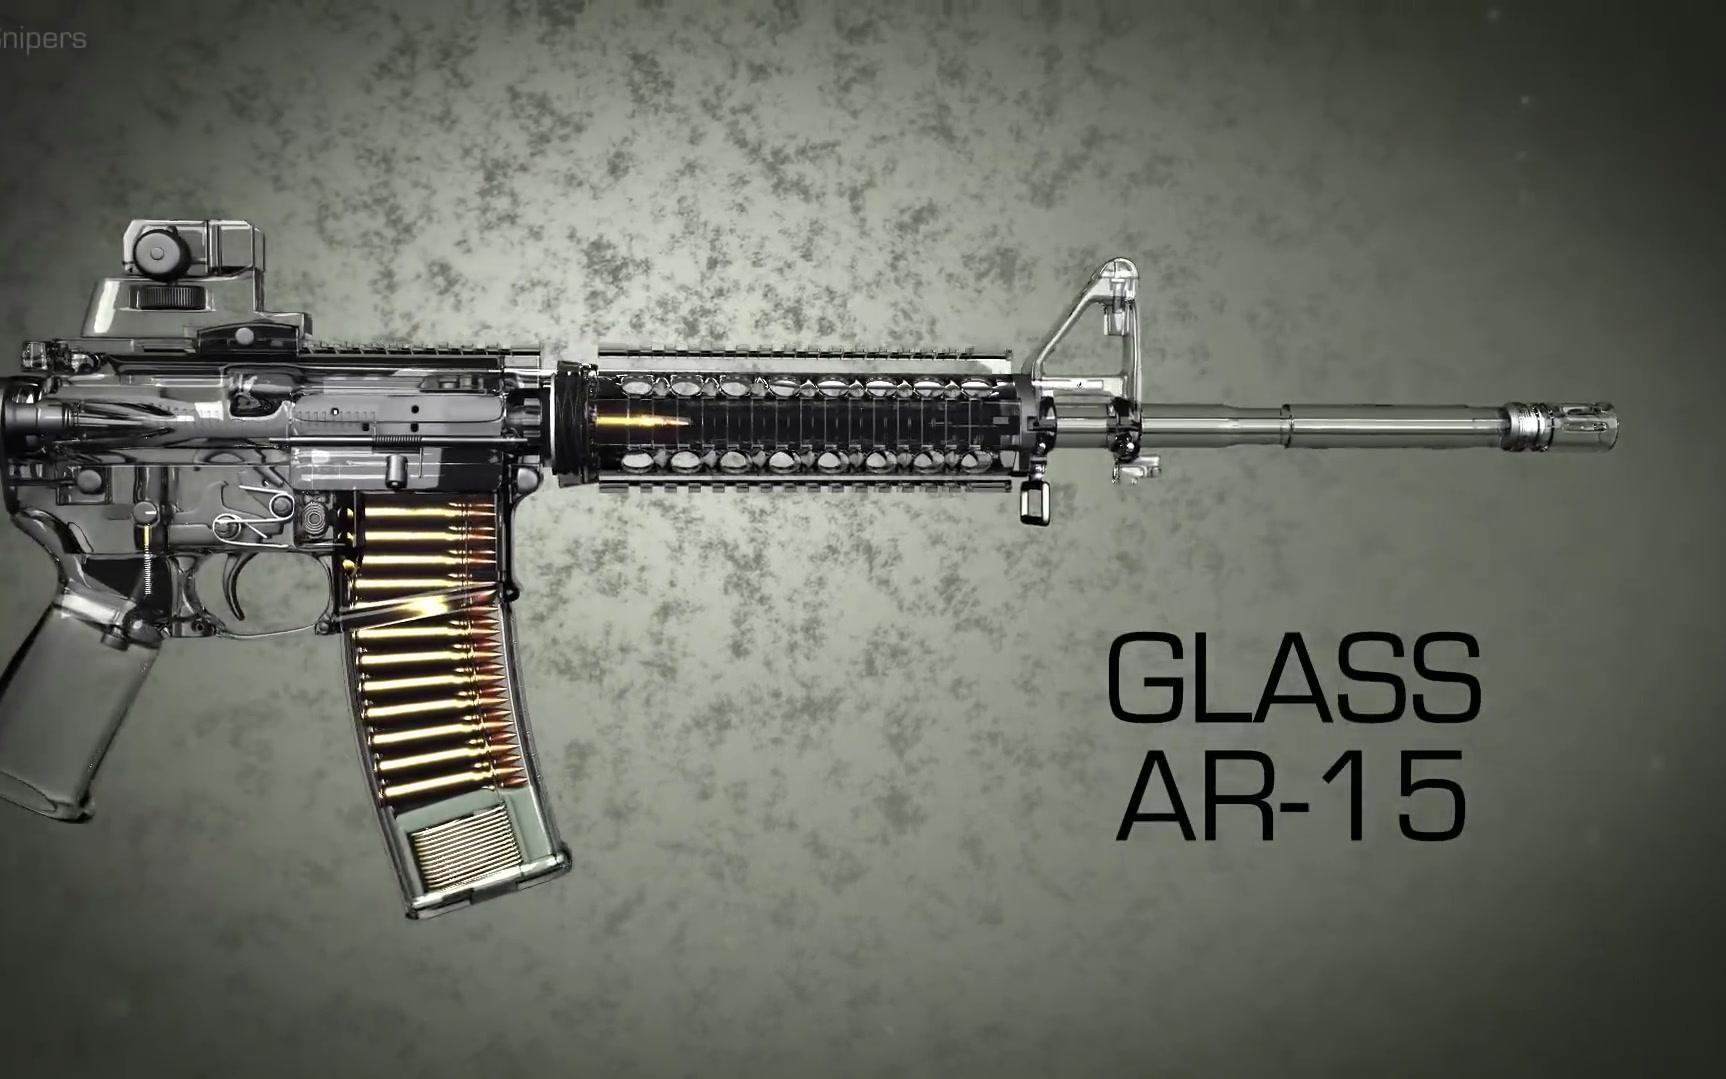 ak47原理图动画_3D展示AR-15自动步枪工作原理_哔哩哔哩 (゜-゜)つロ 干杯~-bilibili